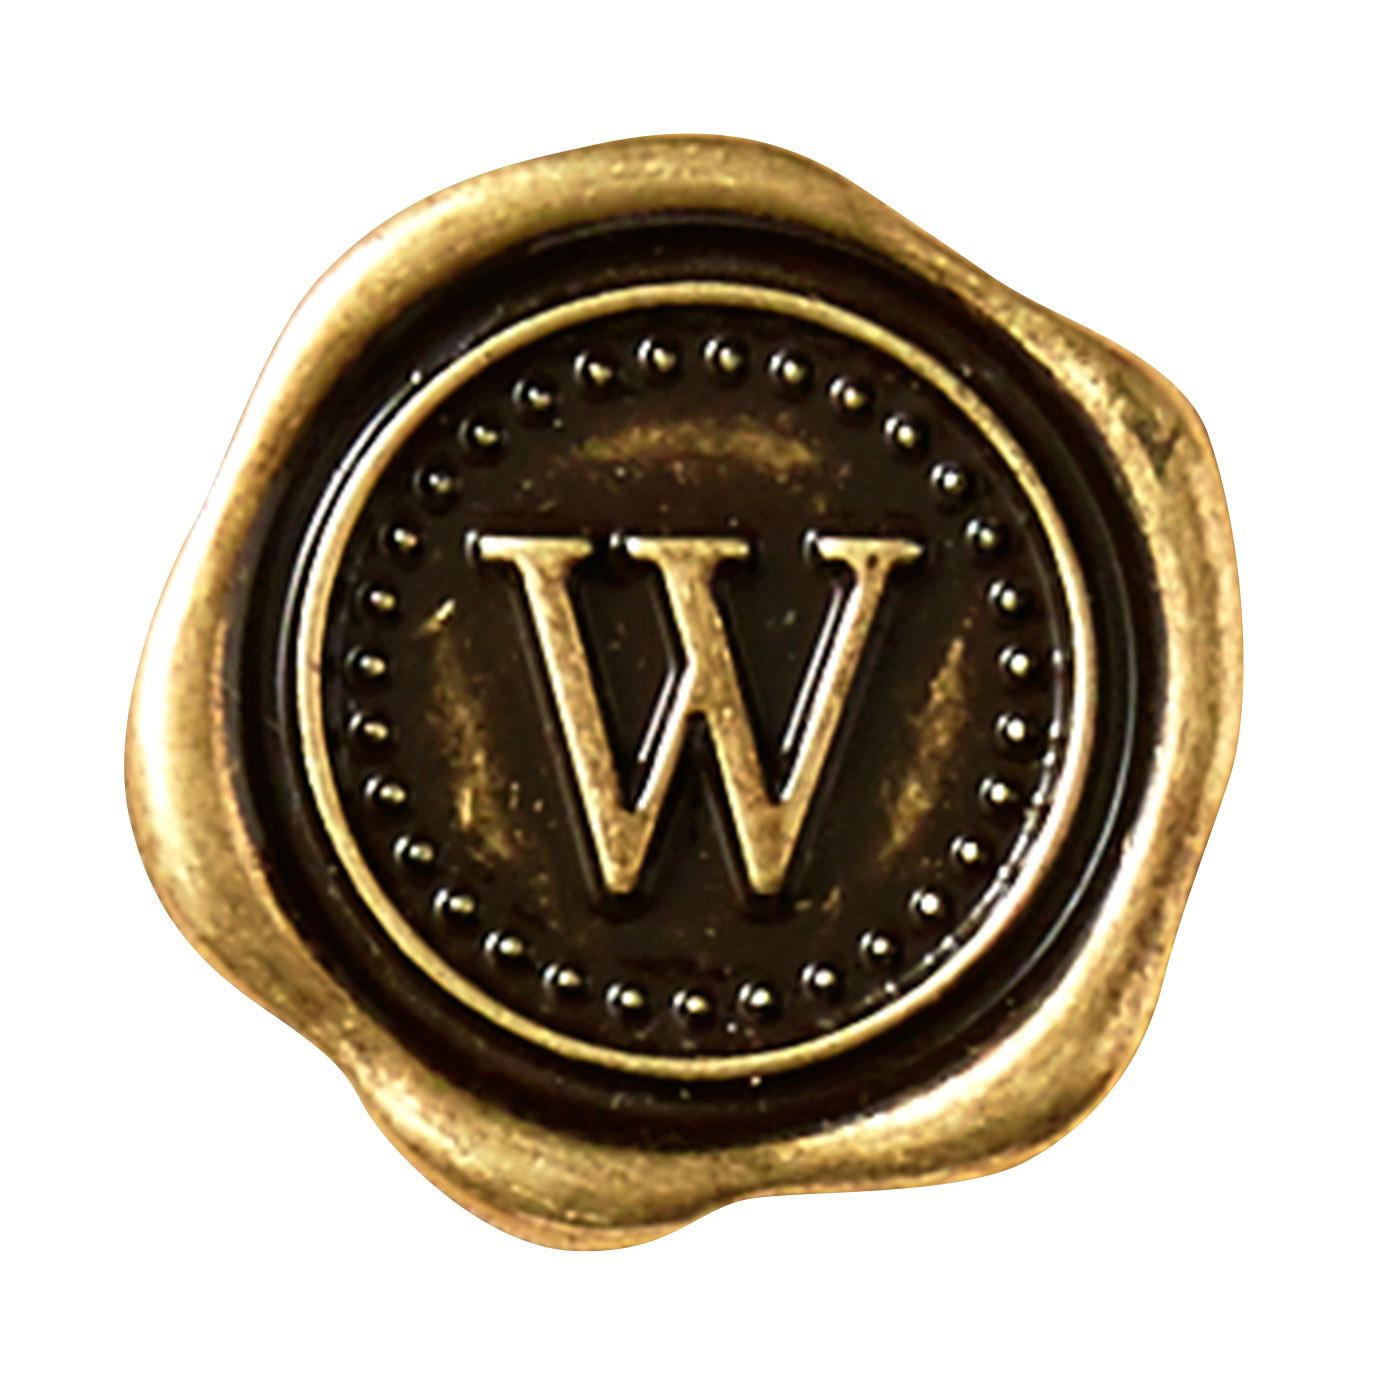 ダブルのハッピーを引き込んでくれそうな「W」の刻印。(Wealth/富, Wish/願い)